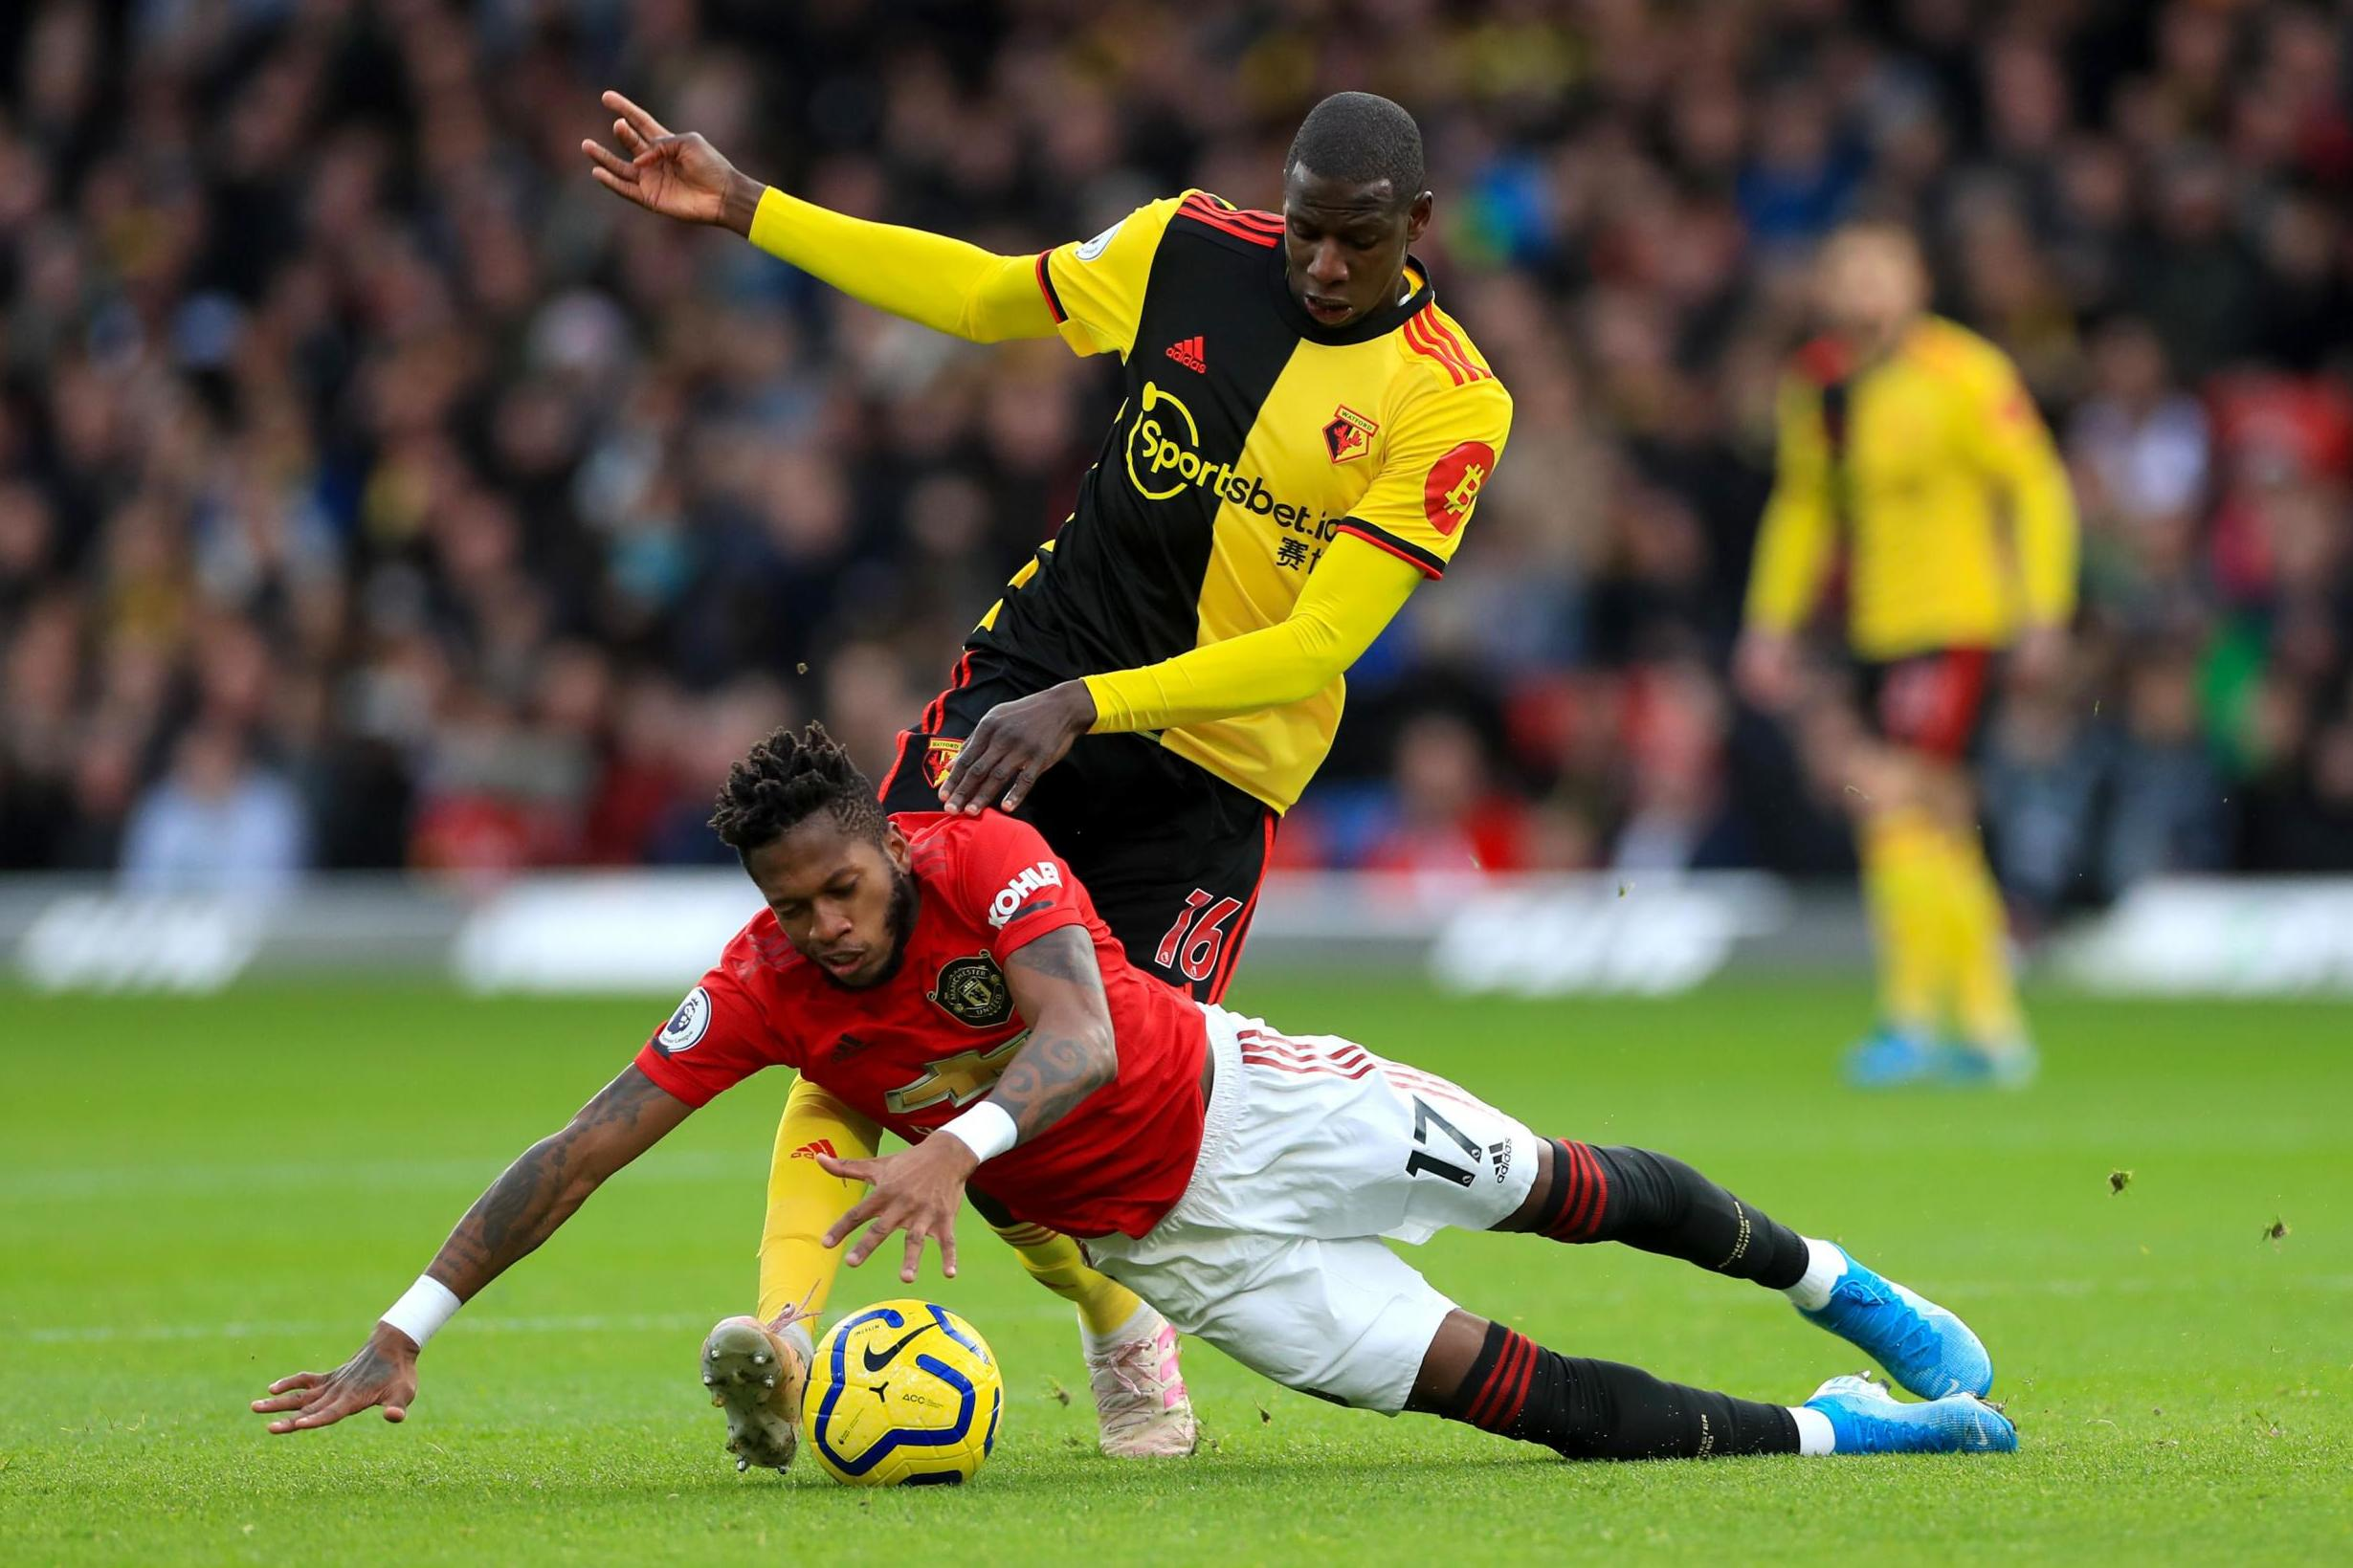 Nhận định, soi kèo Man Utd vs Watford – 23/02/2020